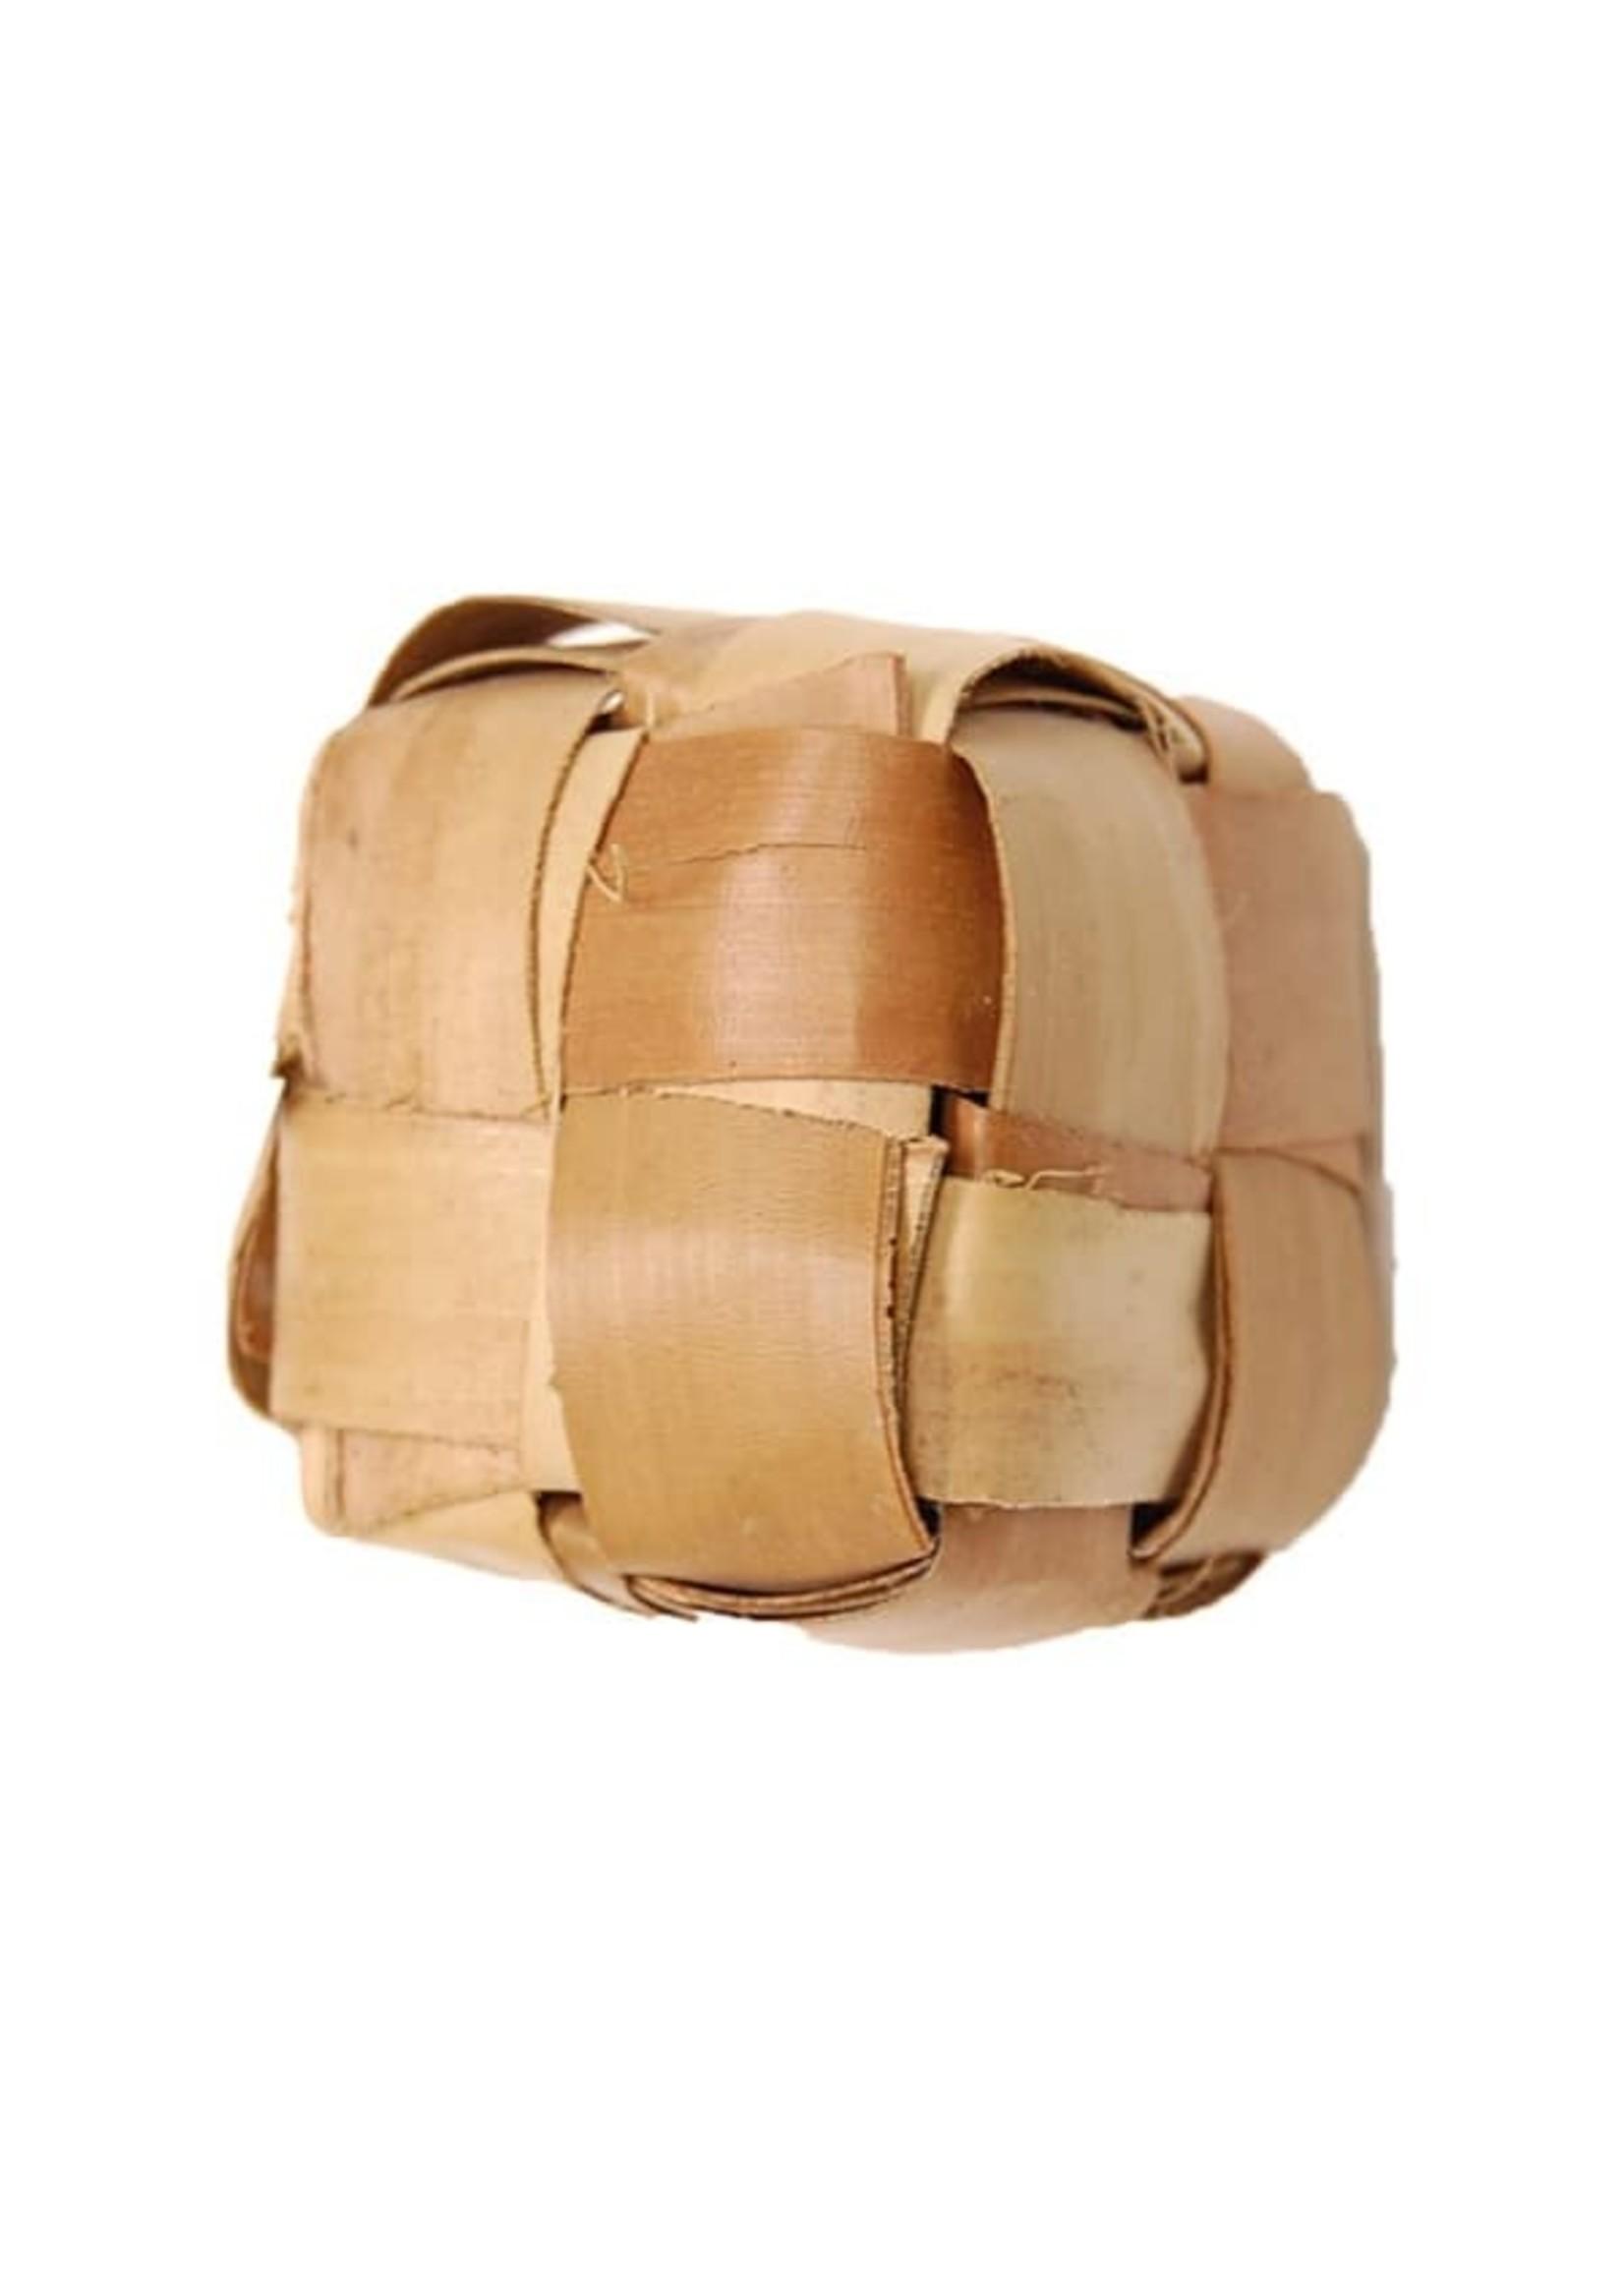 CND Palm Box 489